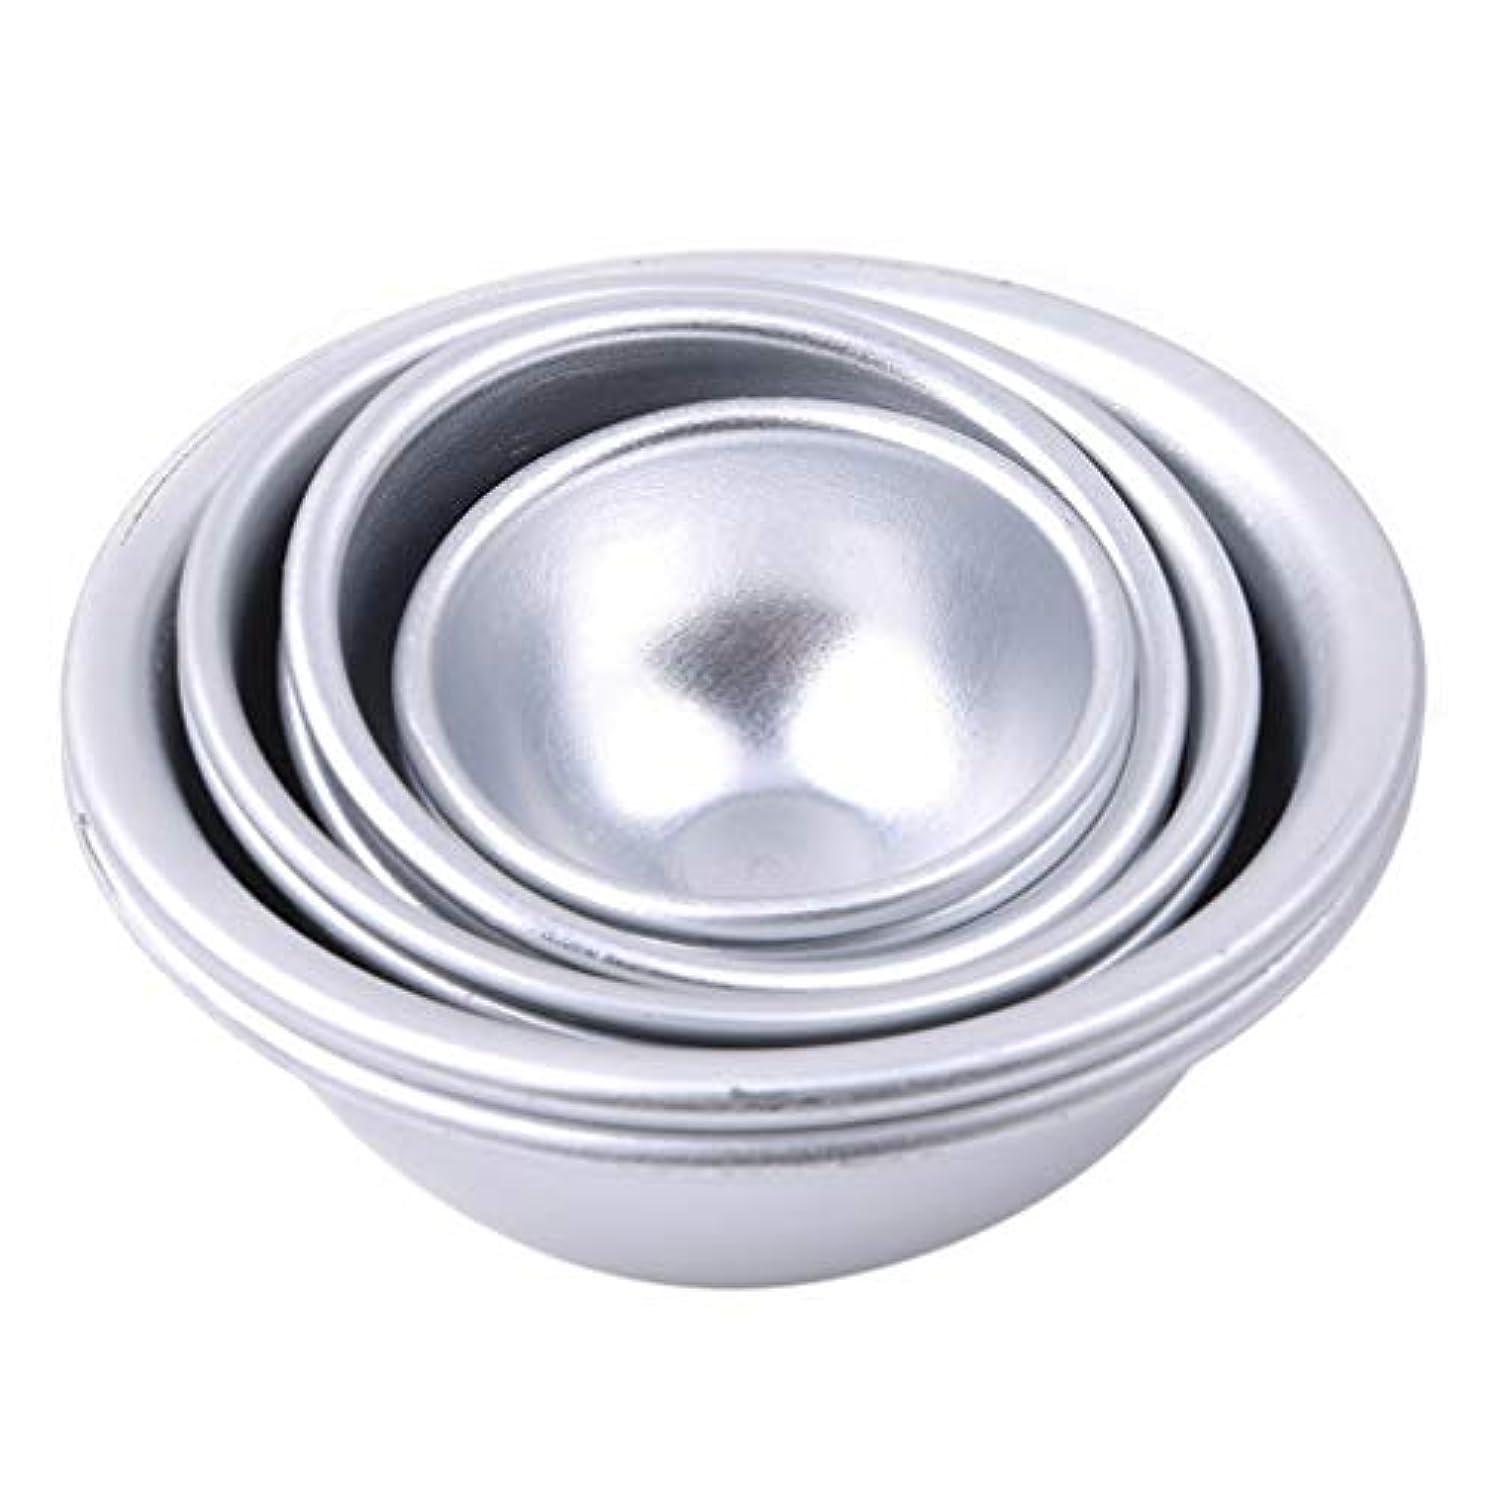 骨葡萄無数のToporchid Diy風呂ボール型アルミ合金入浴ボール手作り石鹸ケーキパンベーキングモールドペストリー作りツール(style2)